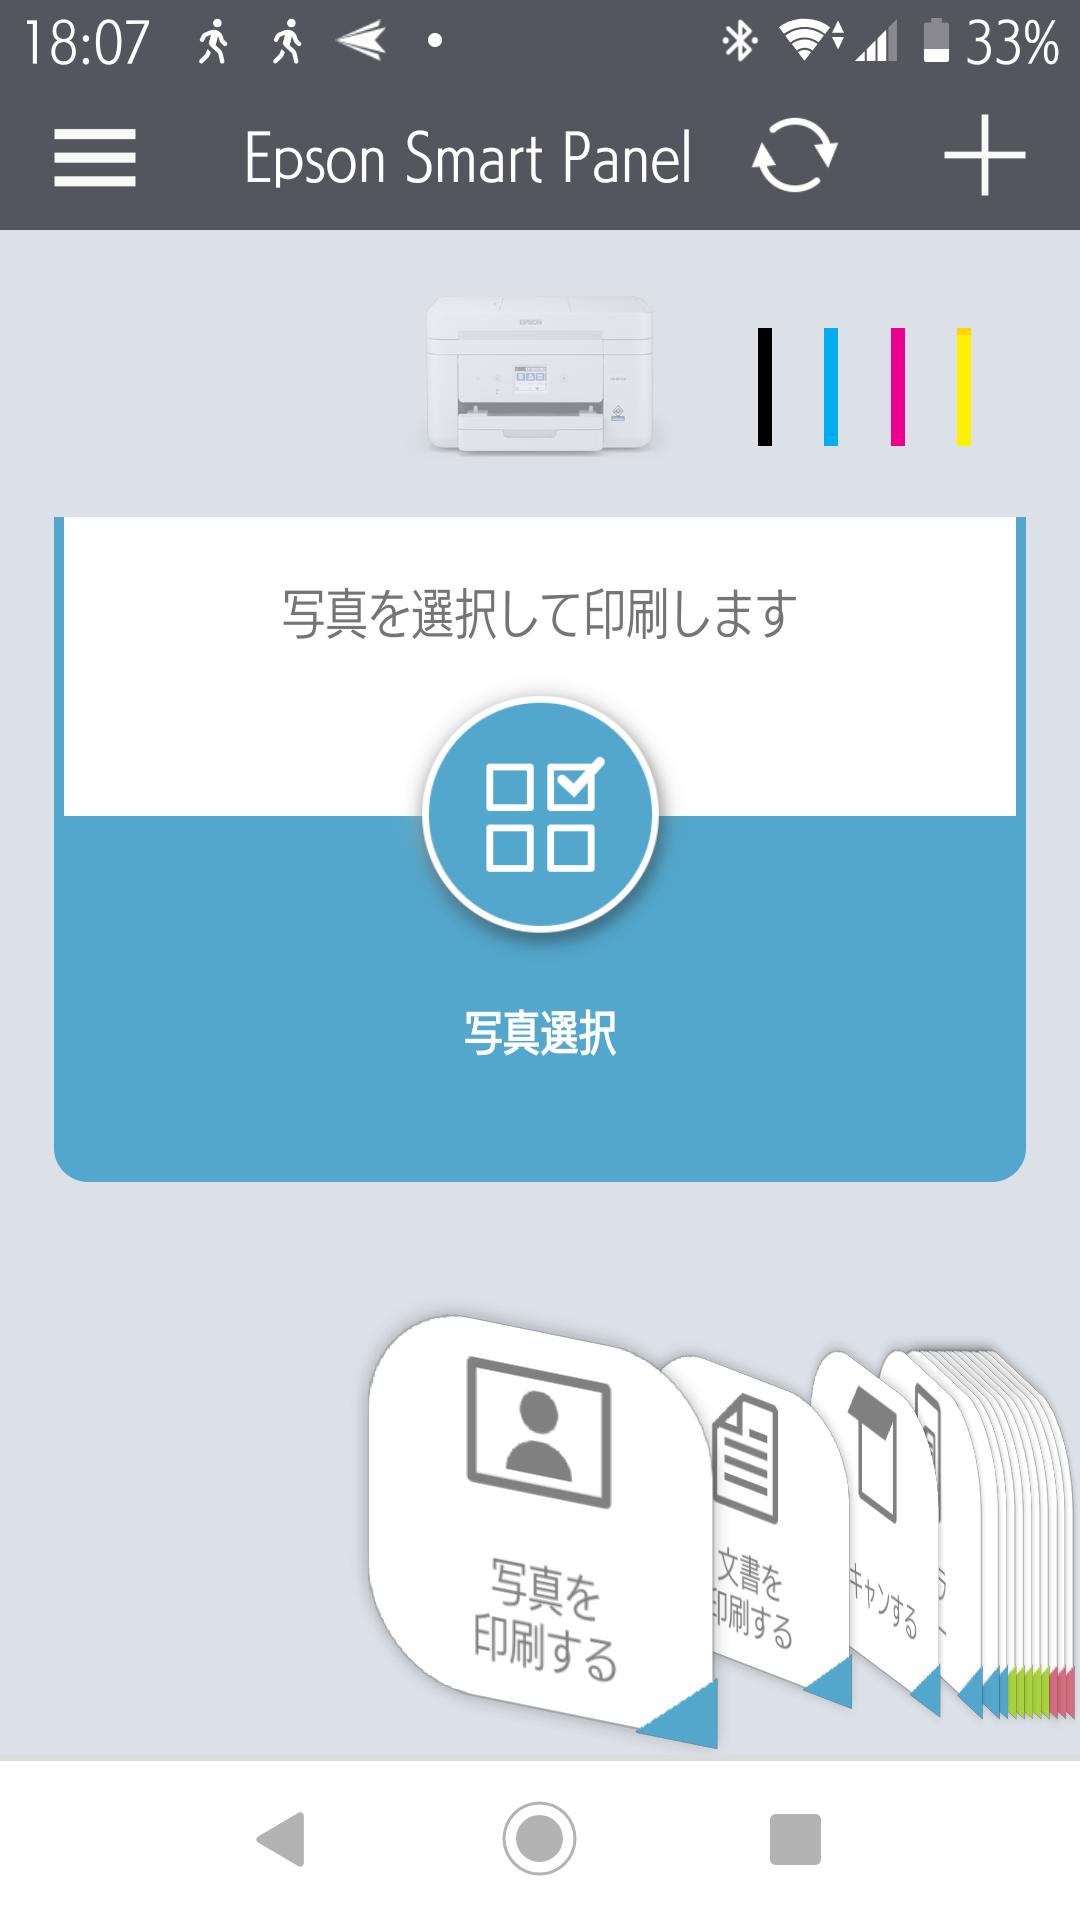 2021.03.15 Xperia XZ1 Seiko Epson Corporation